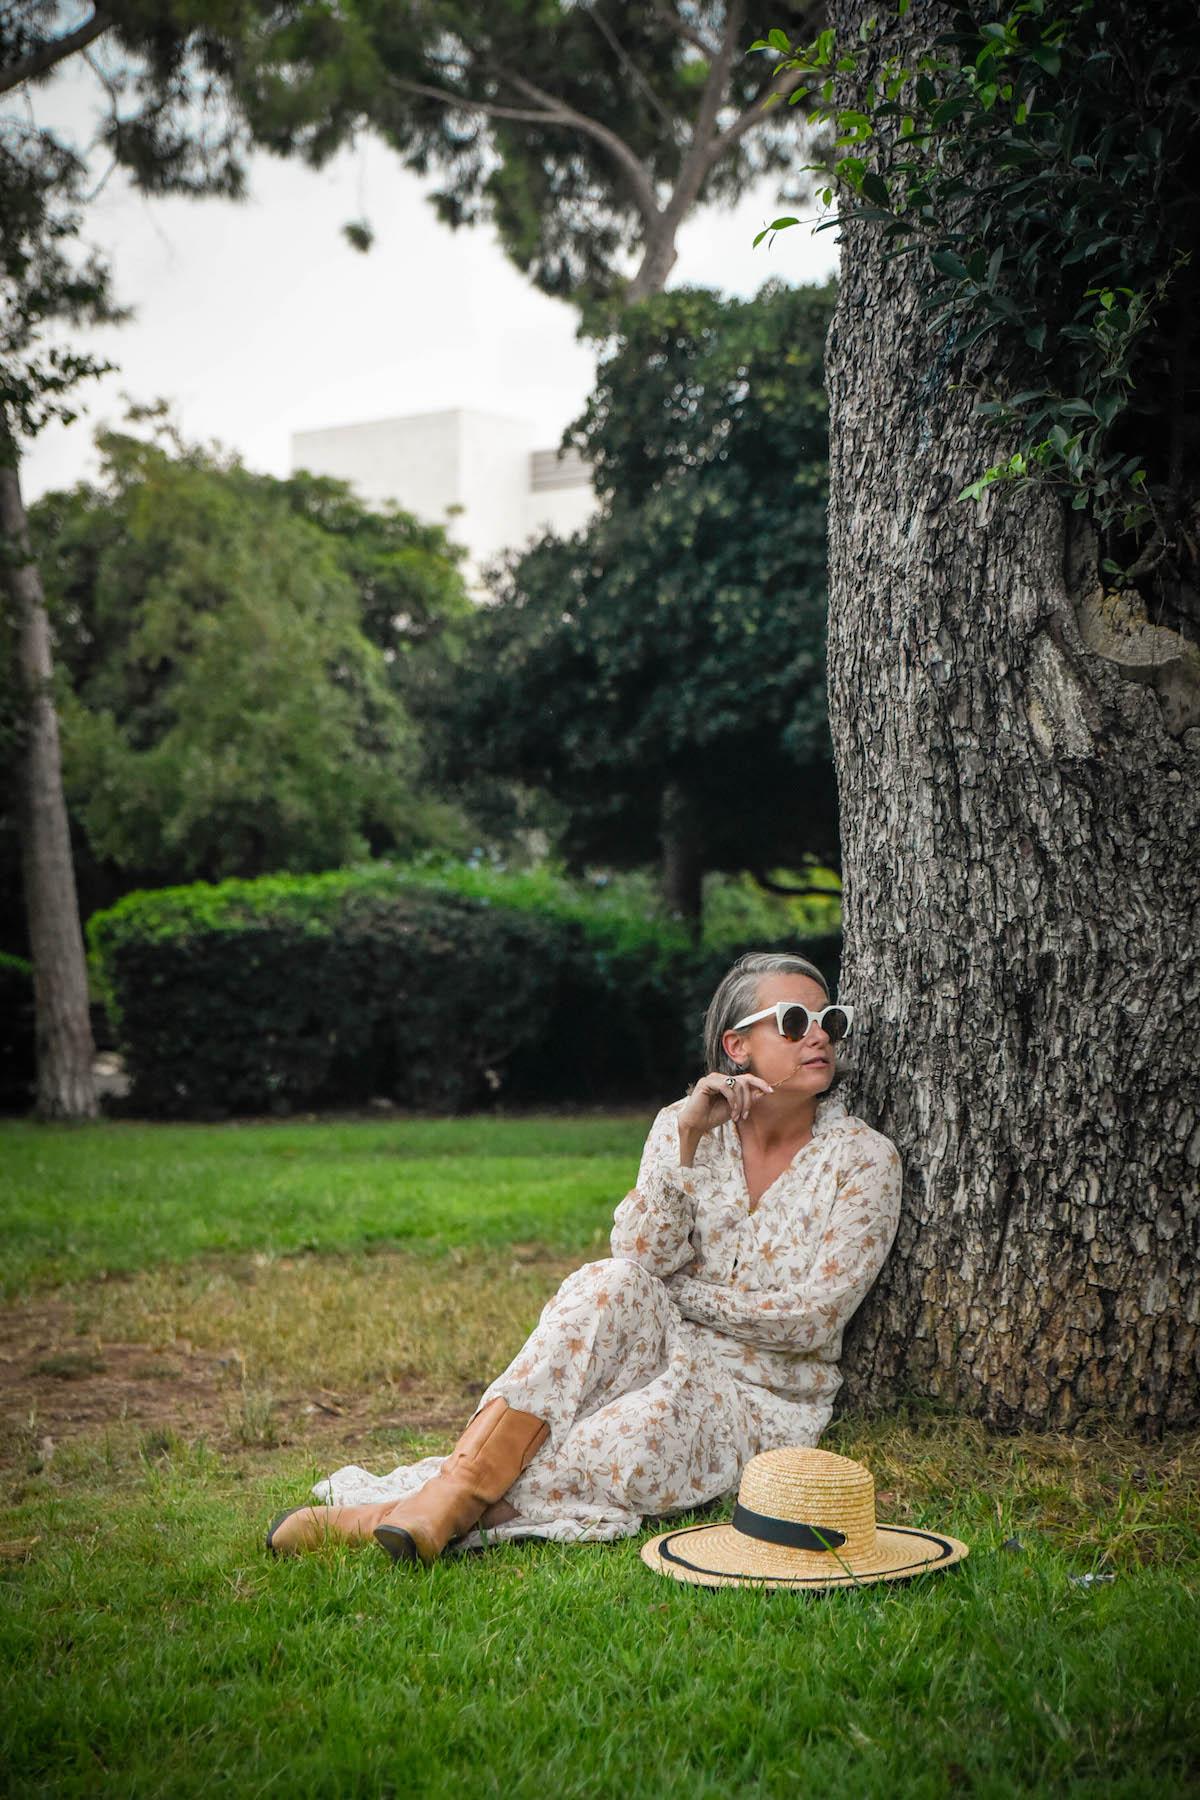 גן מניה שוחט שמלת מקסי פרחונית גולף שירי ויצנר בלוג חיפאית3